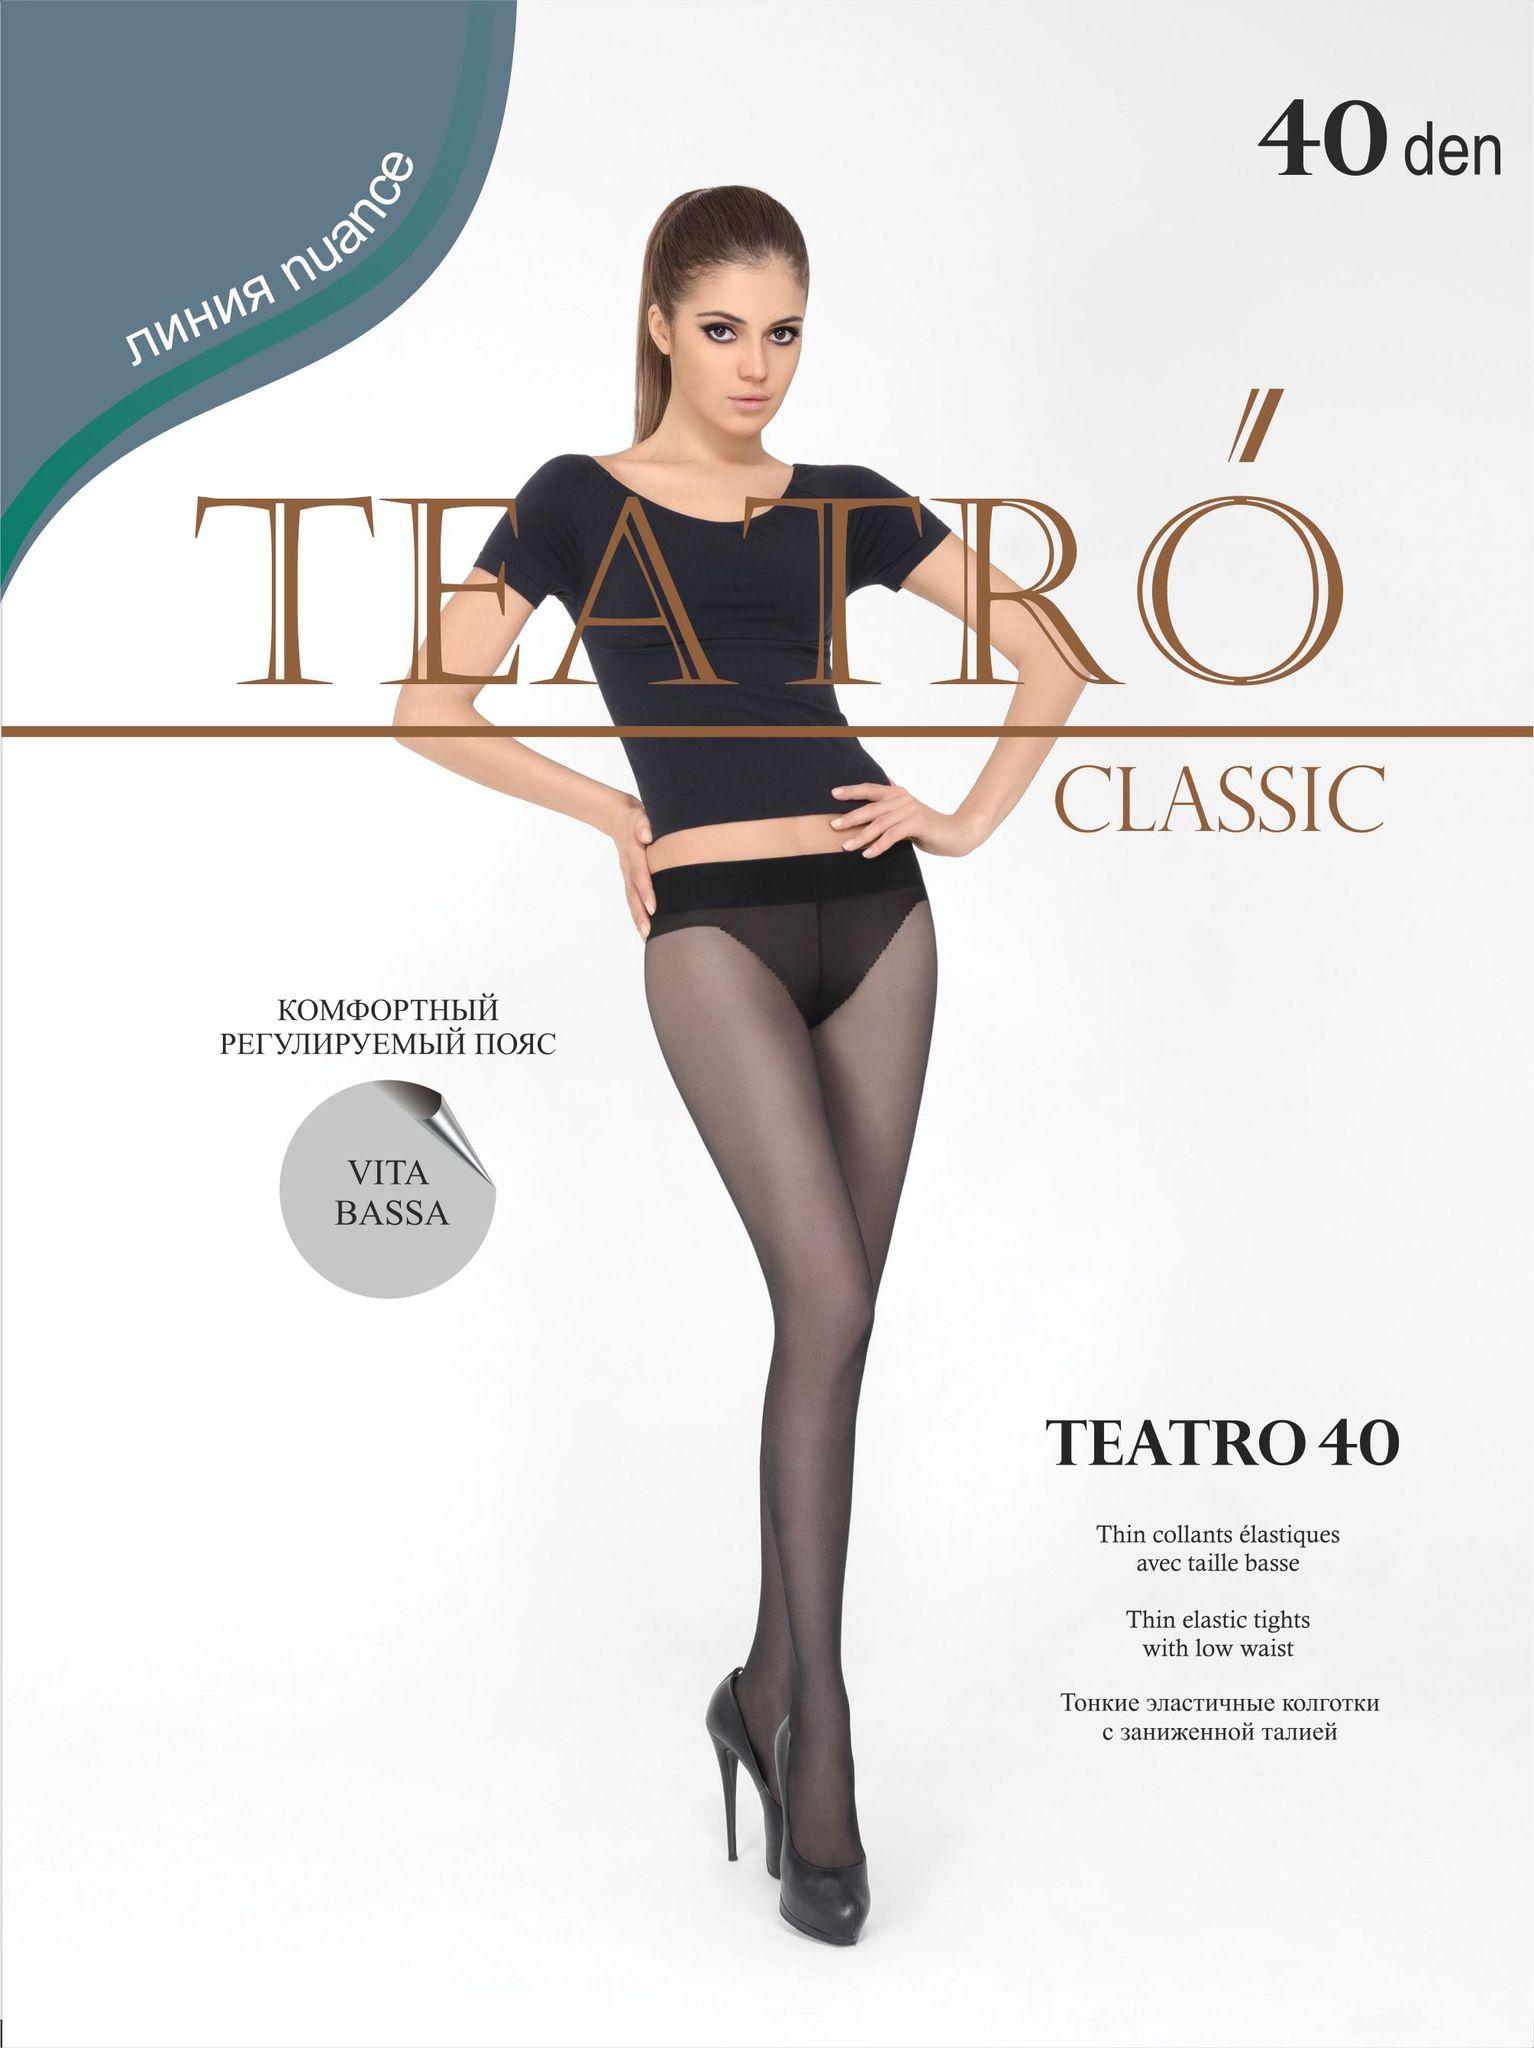 Колготки, чулки, носки Колготки TEATRO TEATRO 40 den teatro_40_vb.jpg